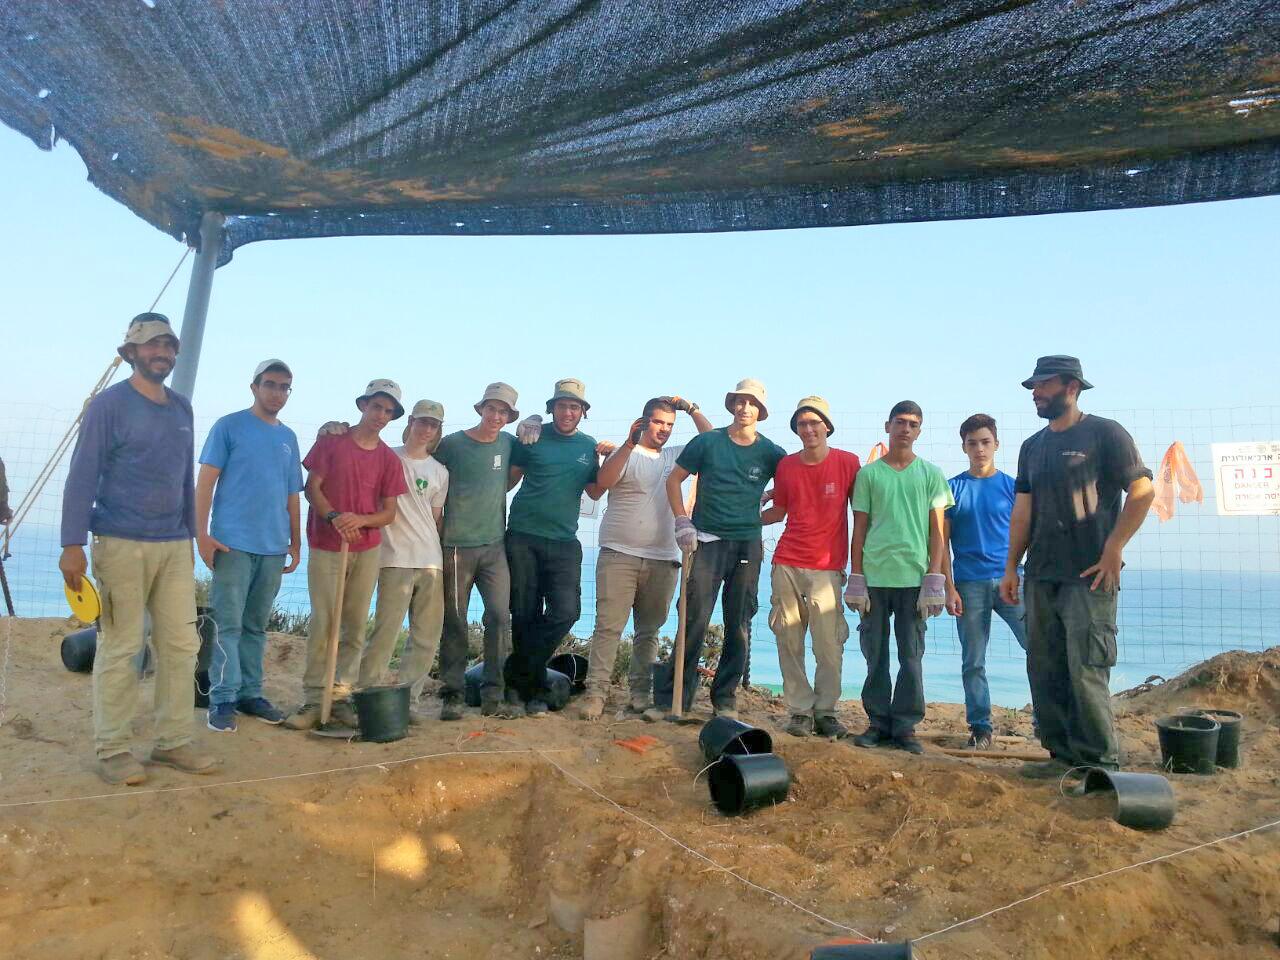 בני הנוער שעבדו בחפירה הארכיאולוגית